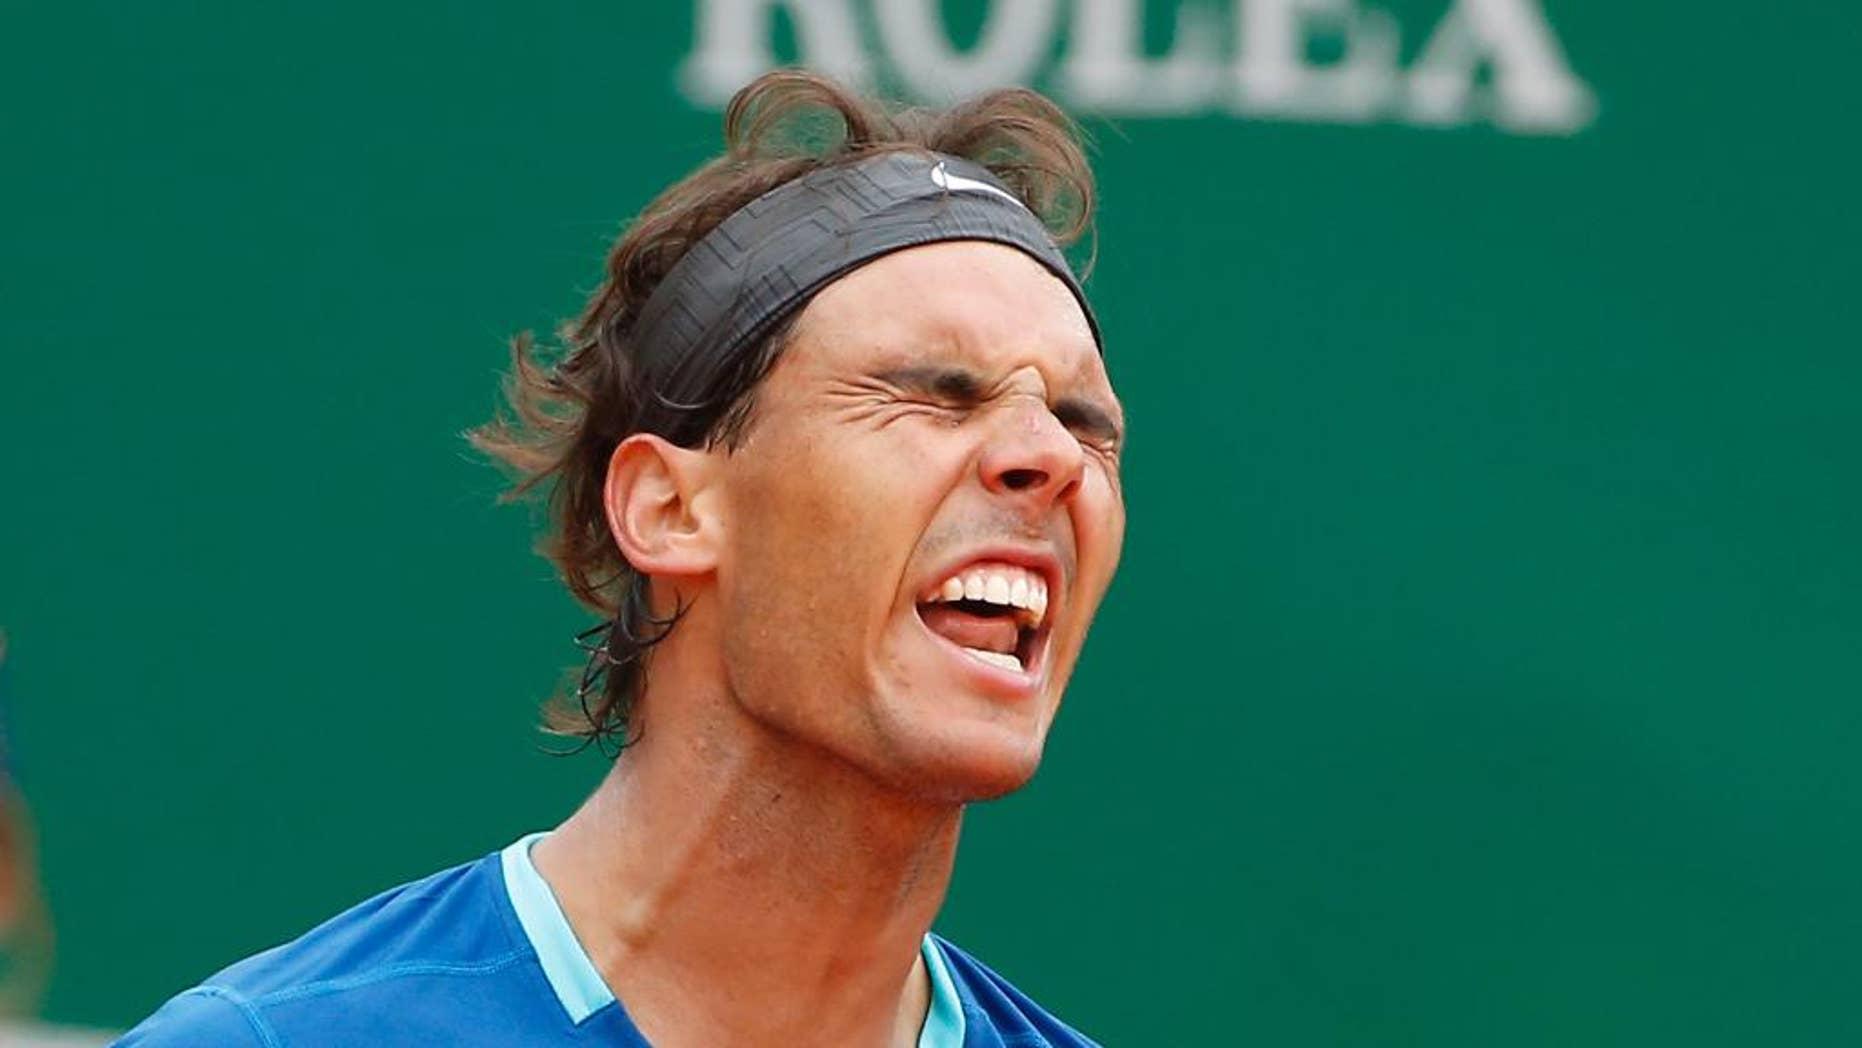 El español Rafael Nadal gesticula el perder un punto contra David Ferrer en el Masters de Montecarlo el viernes, 18 de abril de 2014, en Mónaco. Ferrer ganó. (AP Photo/Michel Euler)